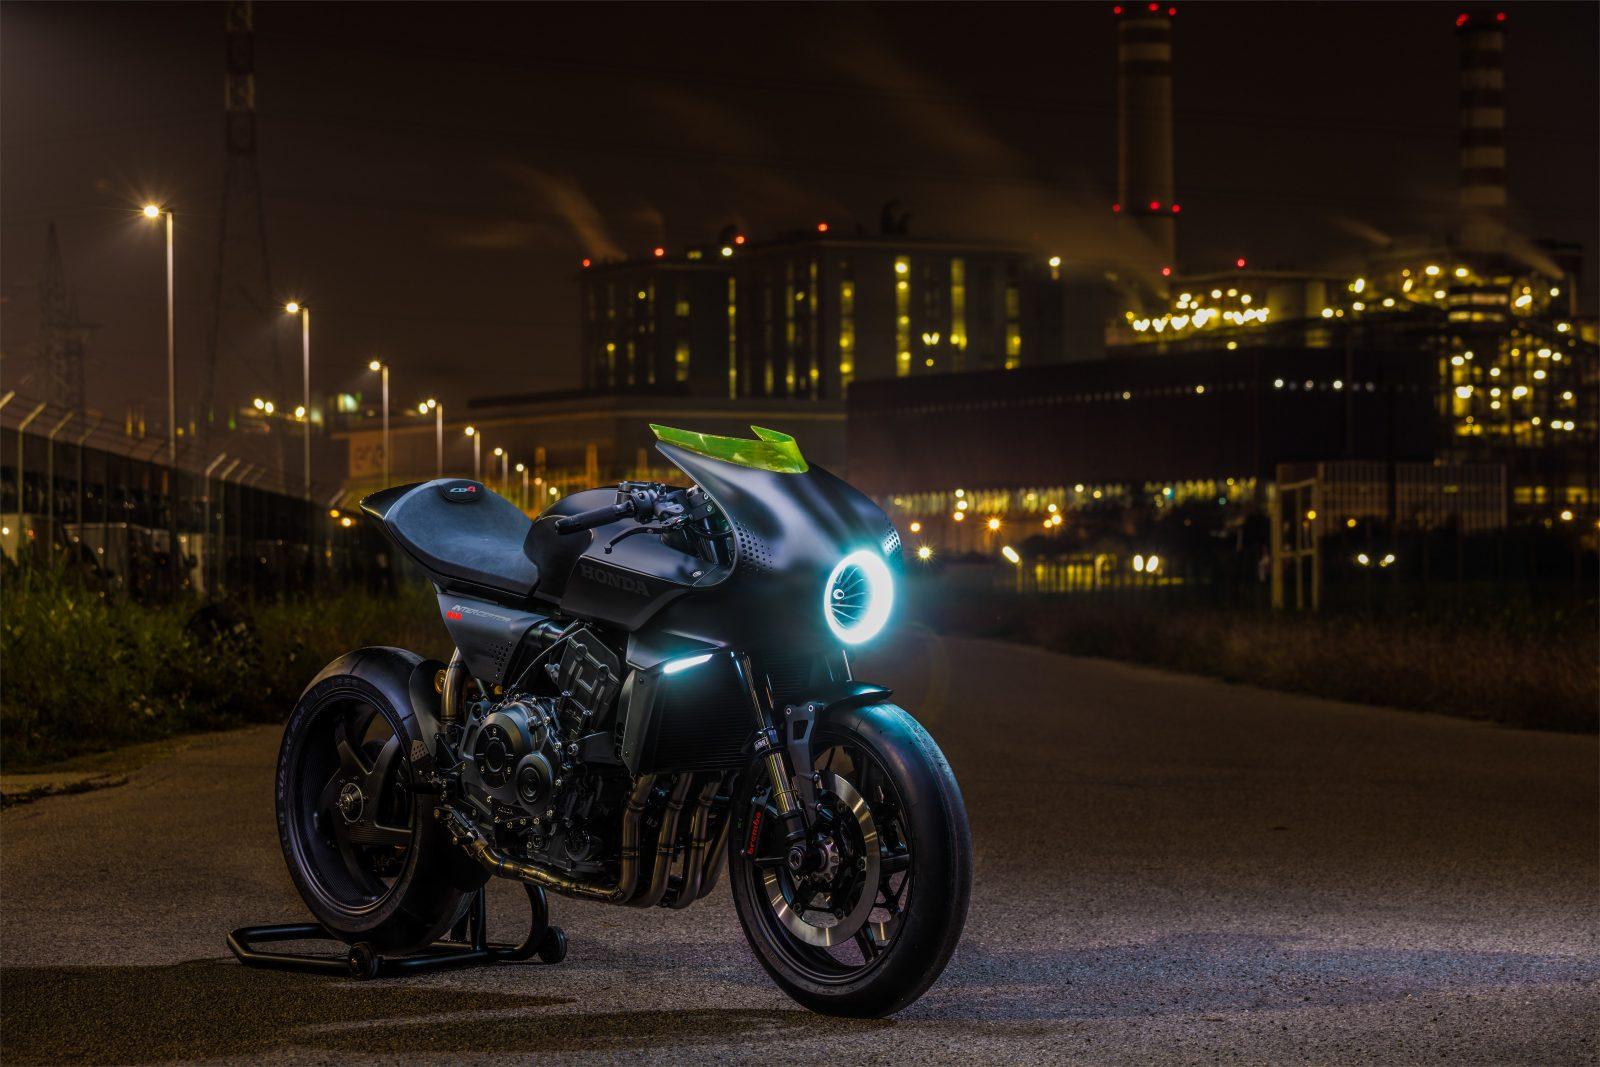 Honda CB1100 interceptor nouveauté EICMA 2017